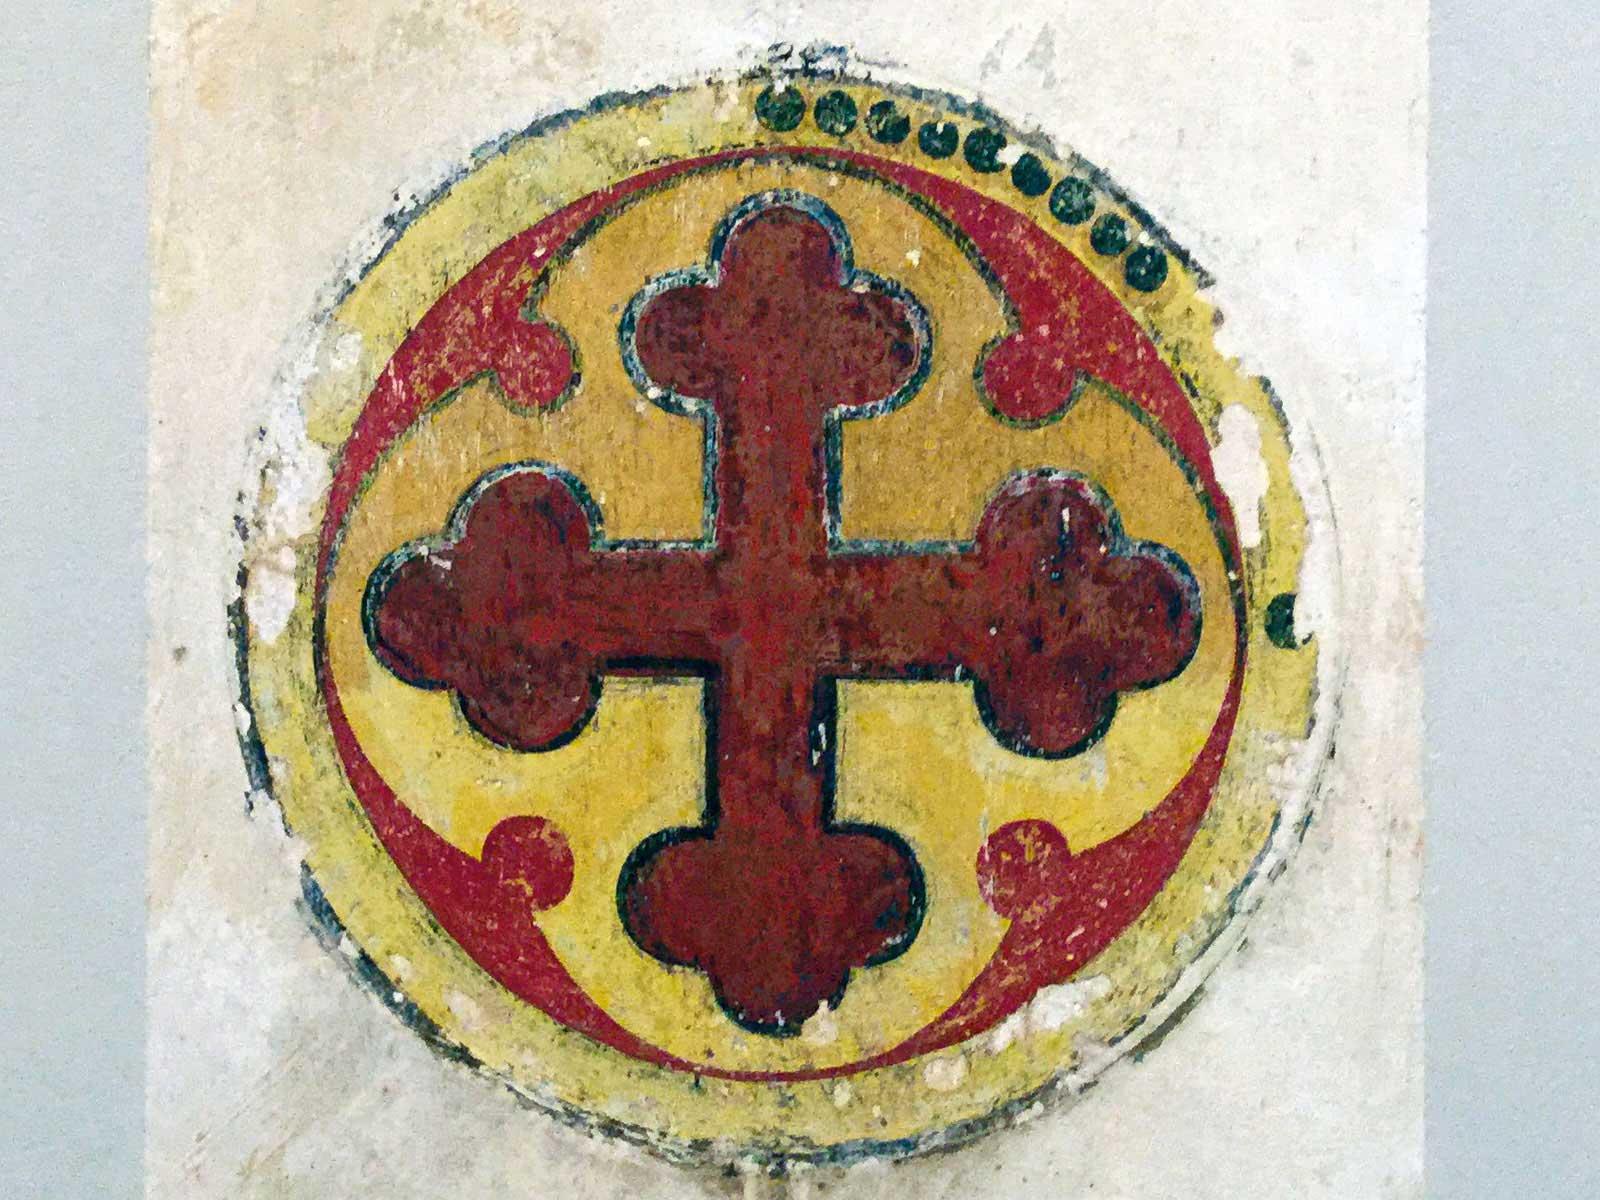 Seniorenzentrum-Bruder-Konrad-Stift-Mutterhauskirche-Marienschwestern-Wandbild-1